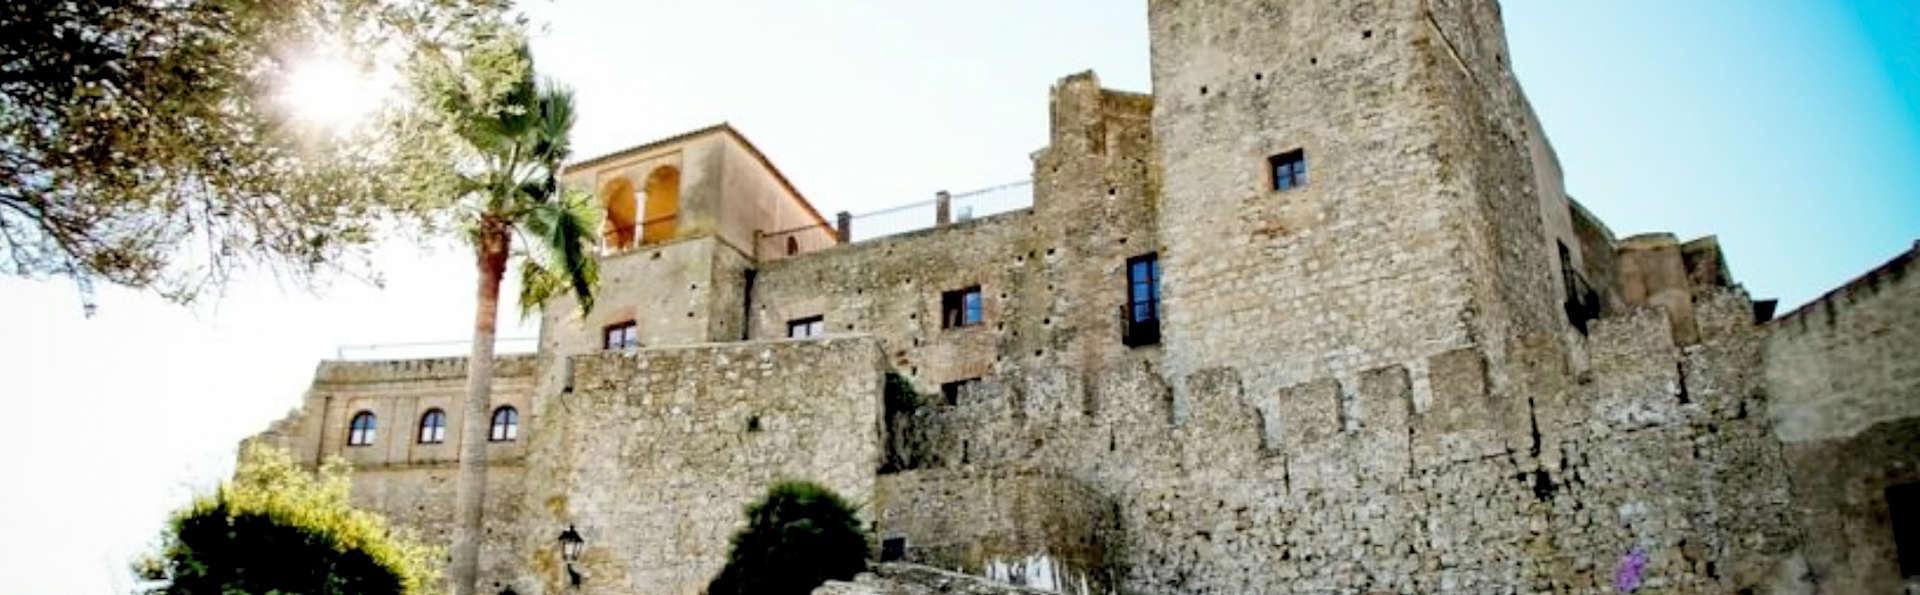 Complejo Rural Castillo Castellar - Edit_Castle.jpg